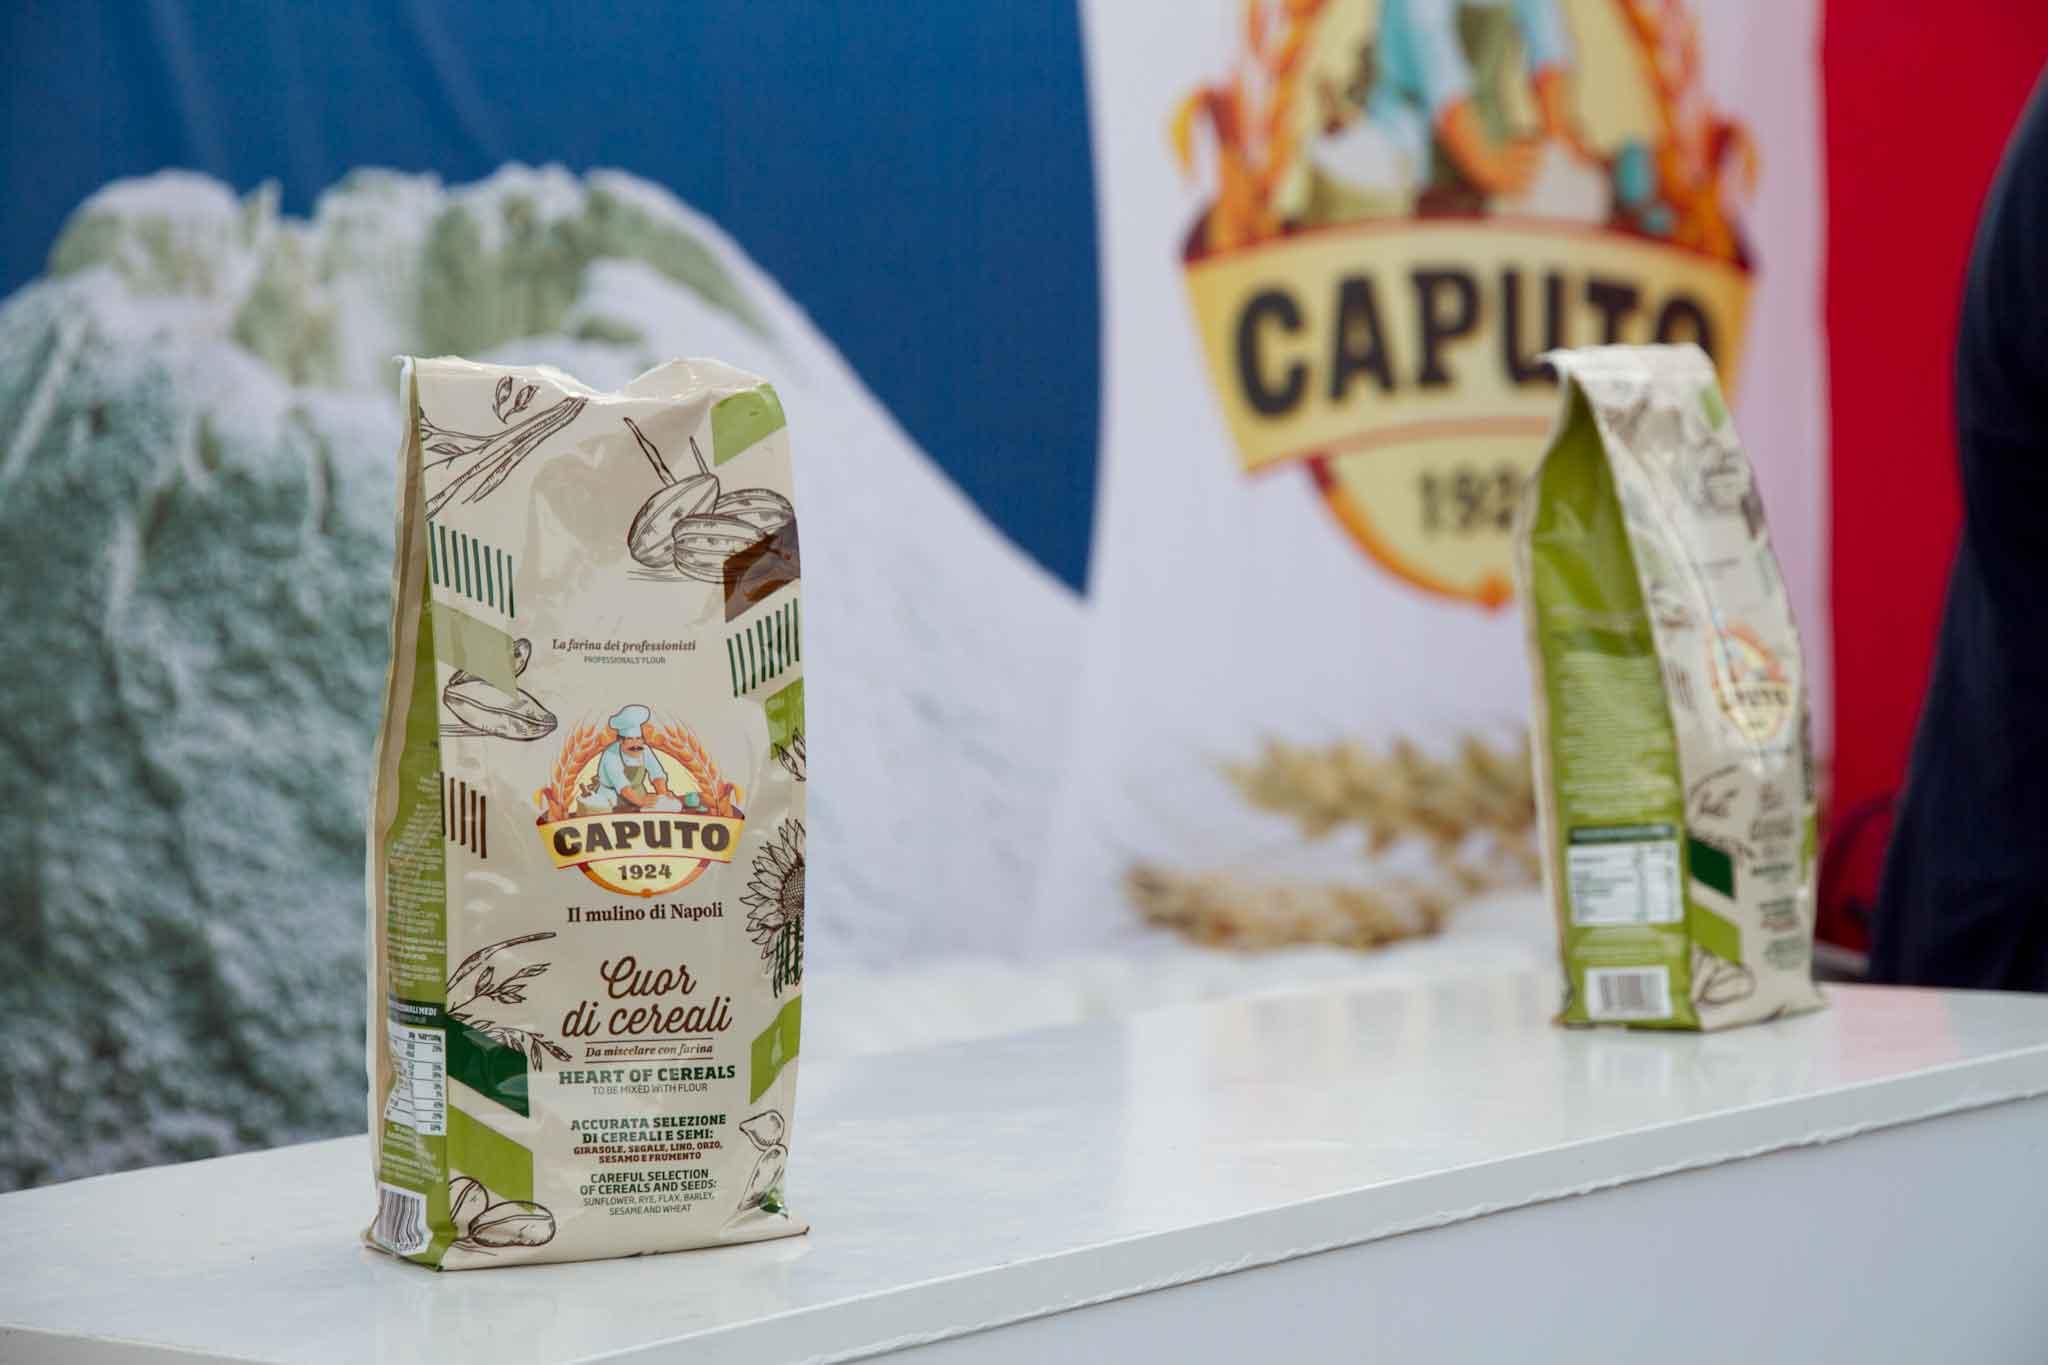 cuor-di-cereali-mulino-caputo